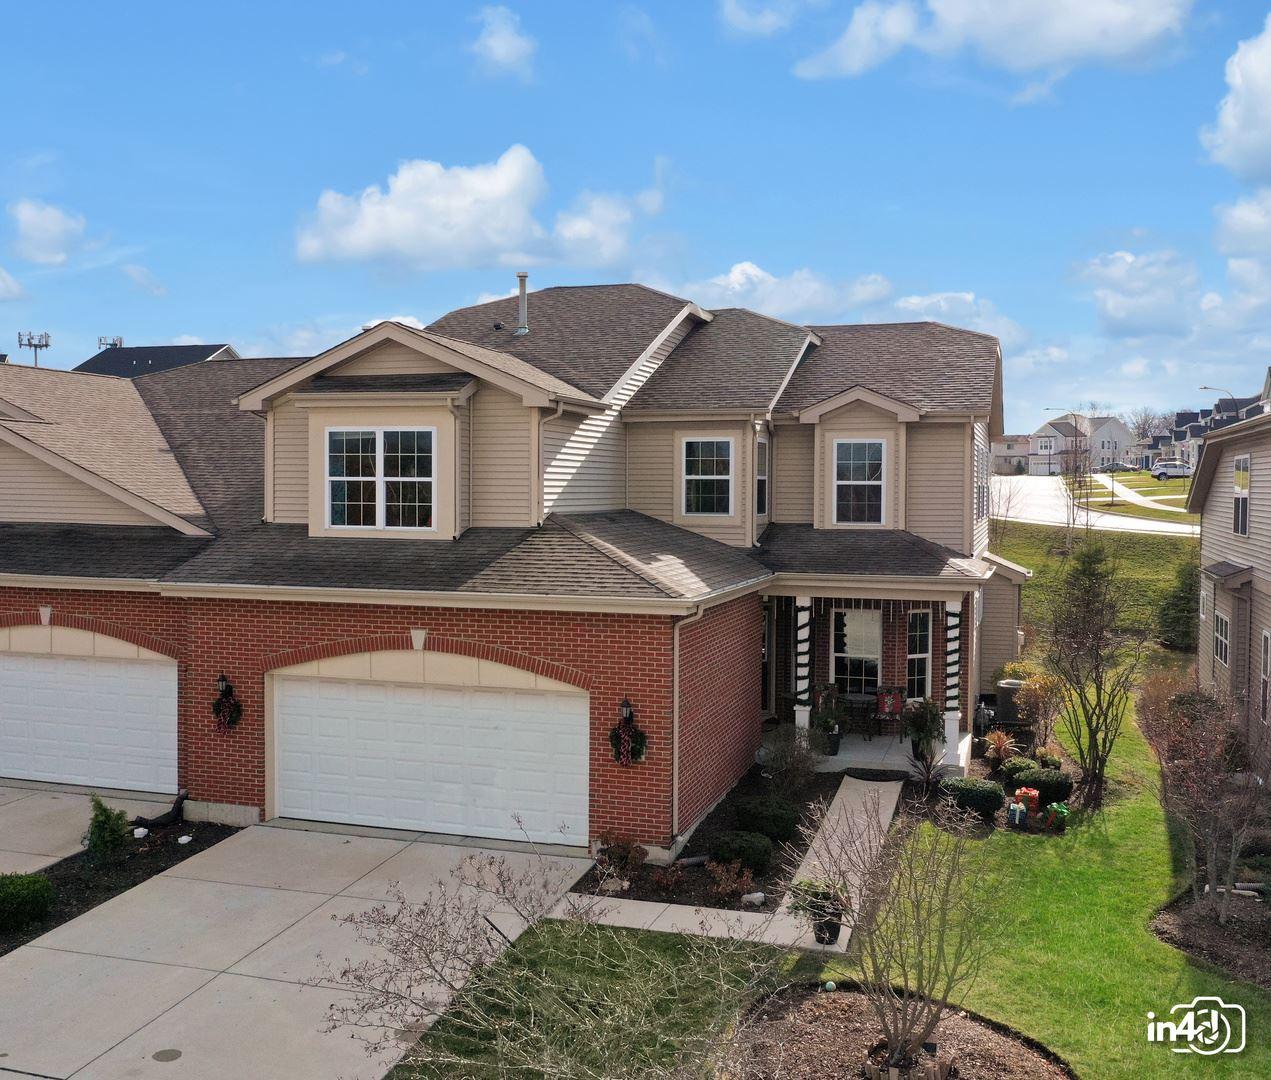 2535 CEDAR HILL Lane, Woodridge, IL 60517 - #: 10949505